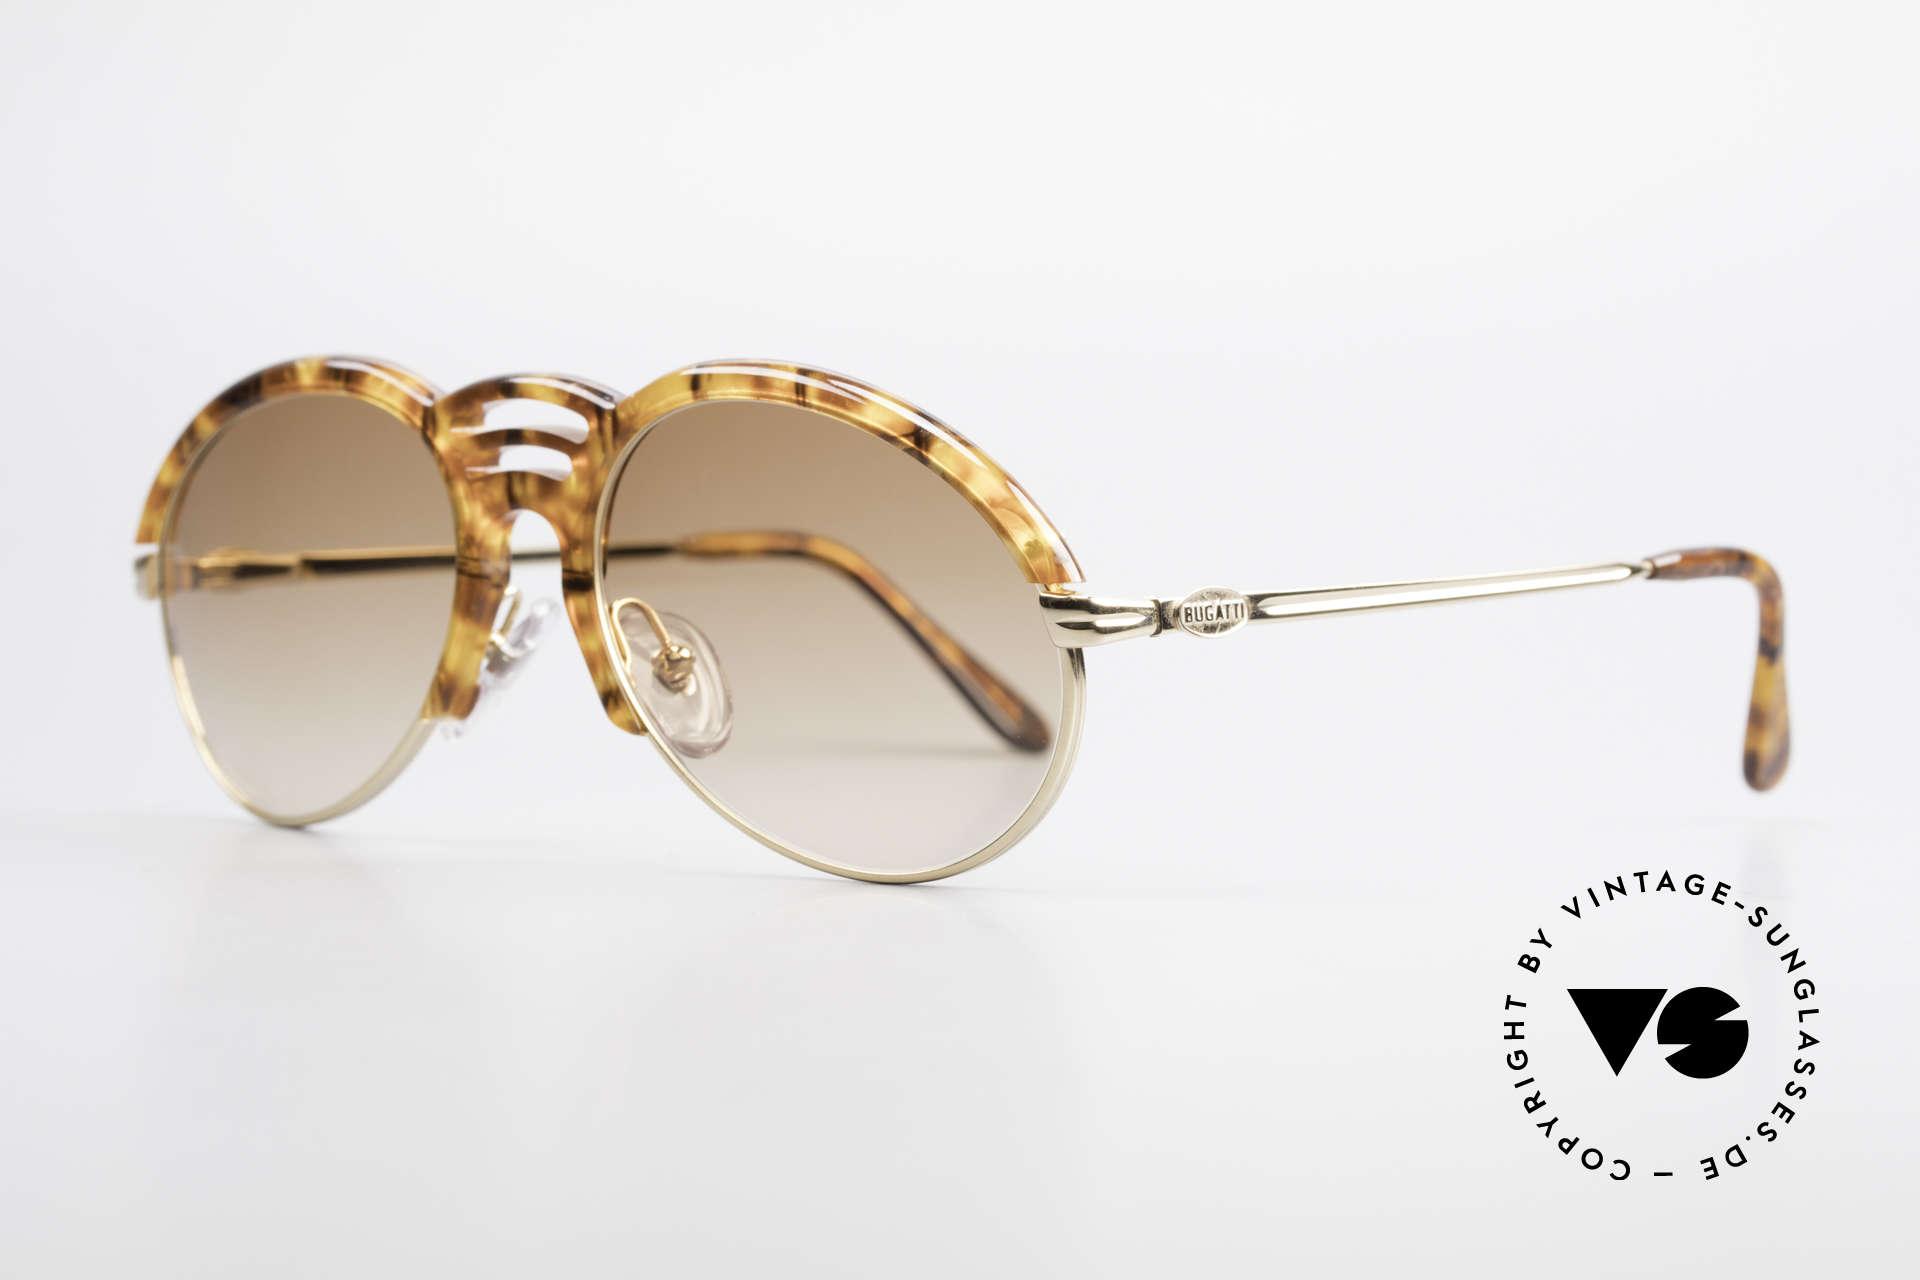 Bugatti 15287 Bernstein Optik Sonnenbrille, vergoldete Fassung in edler Bernstein-Horn-Optik, Passend für Herren